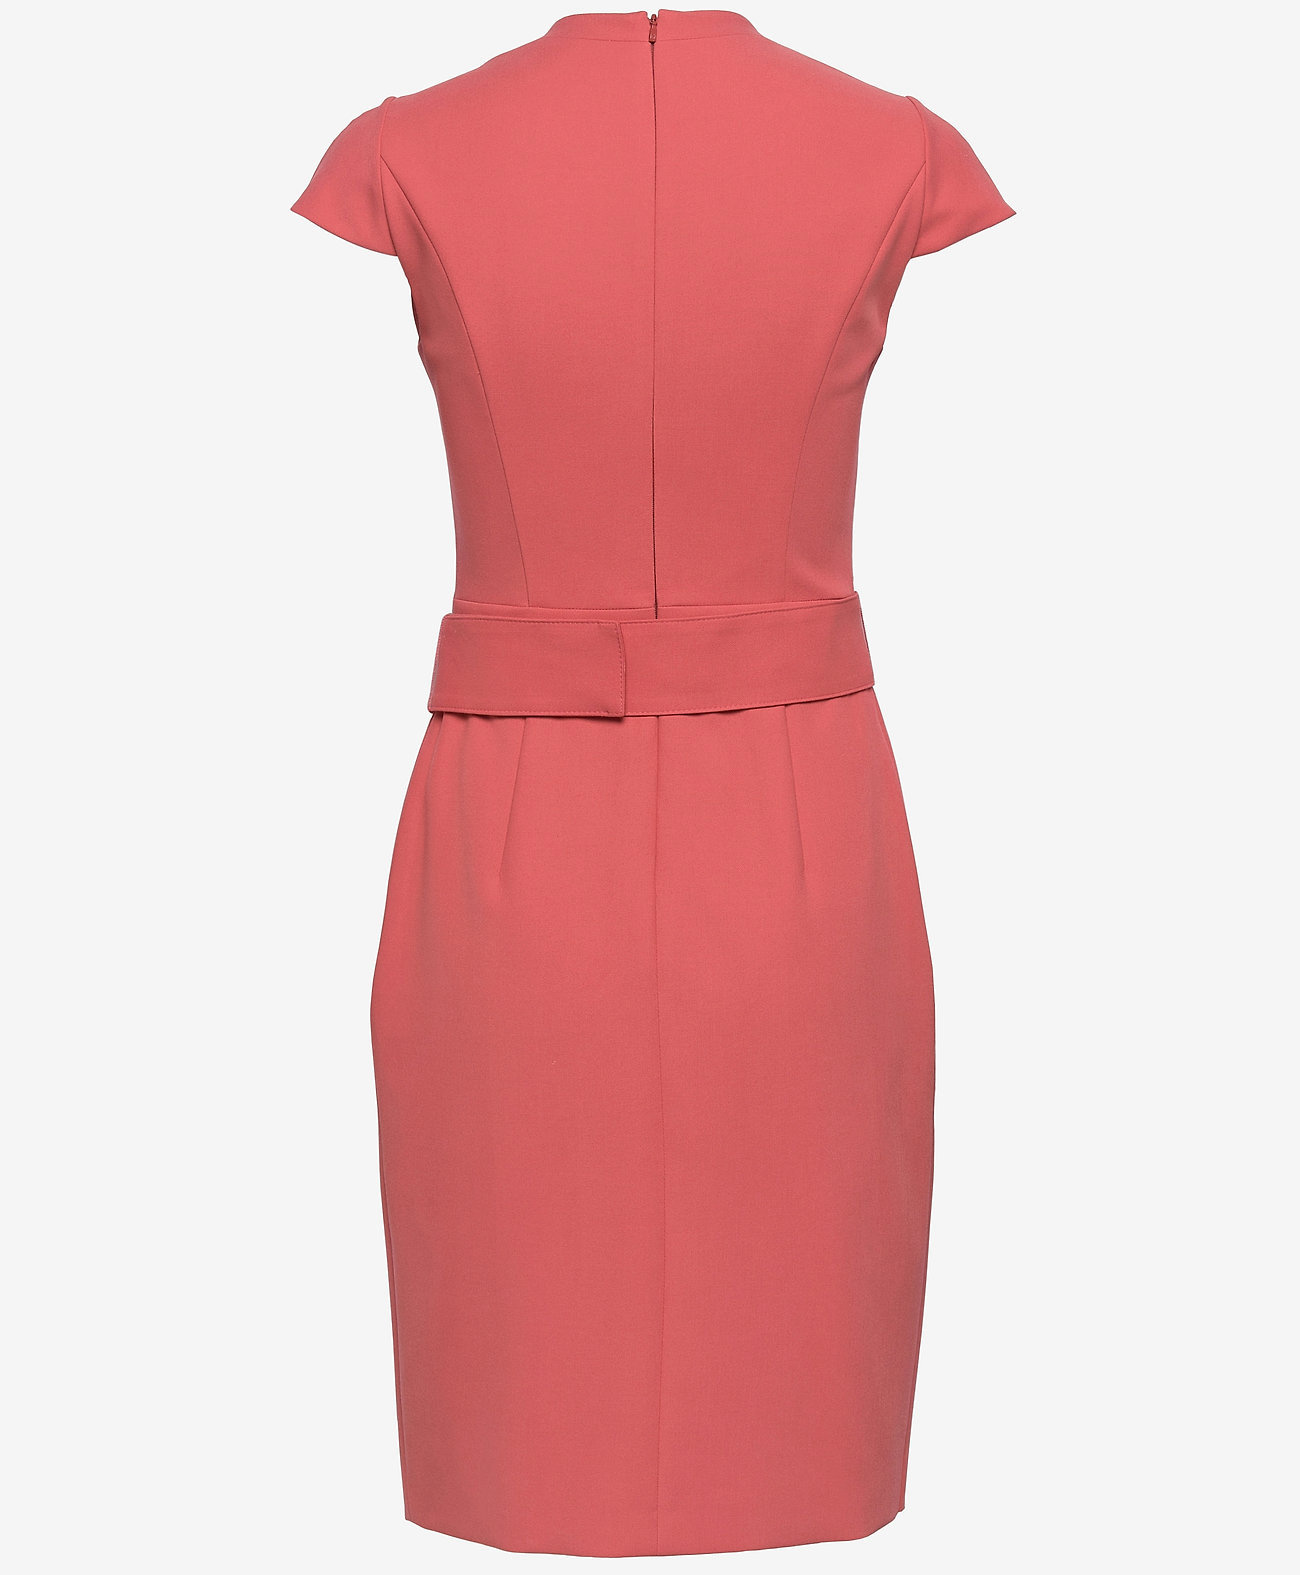 HUGO Dames midi-jurk, rood